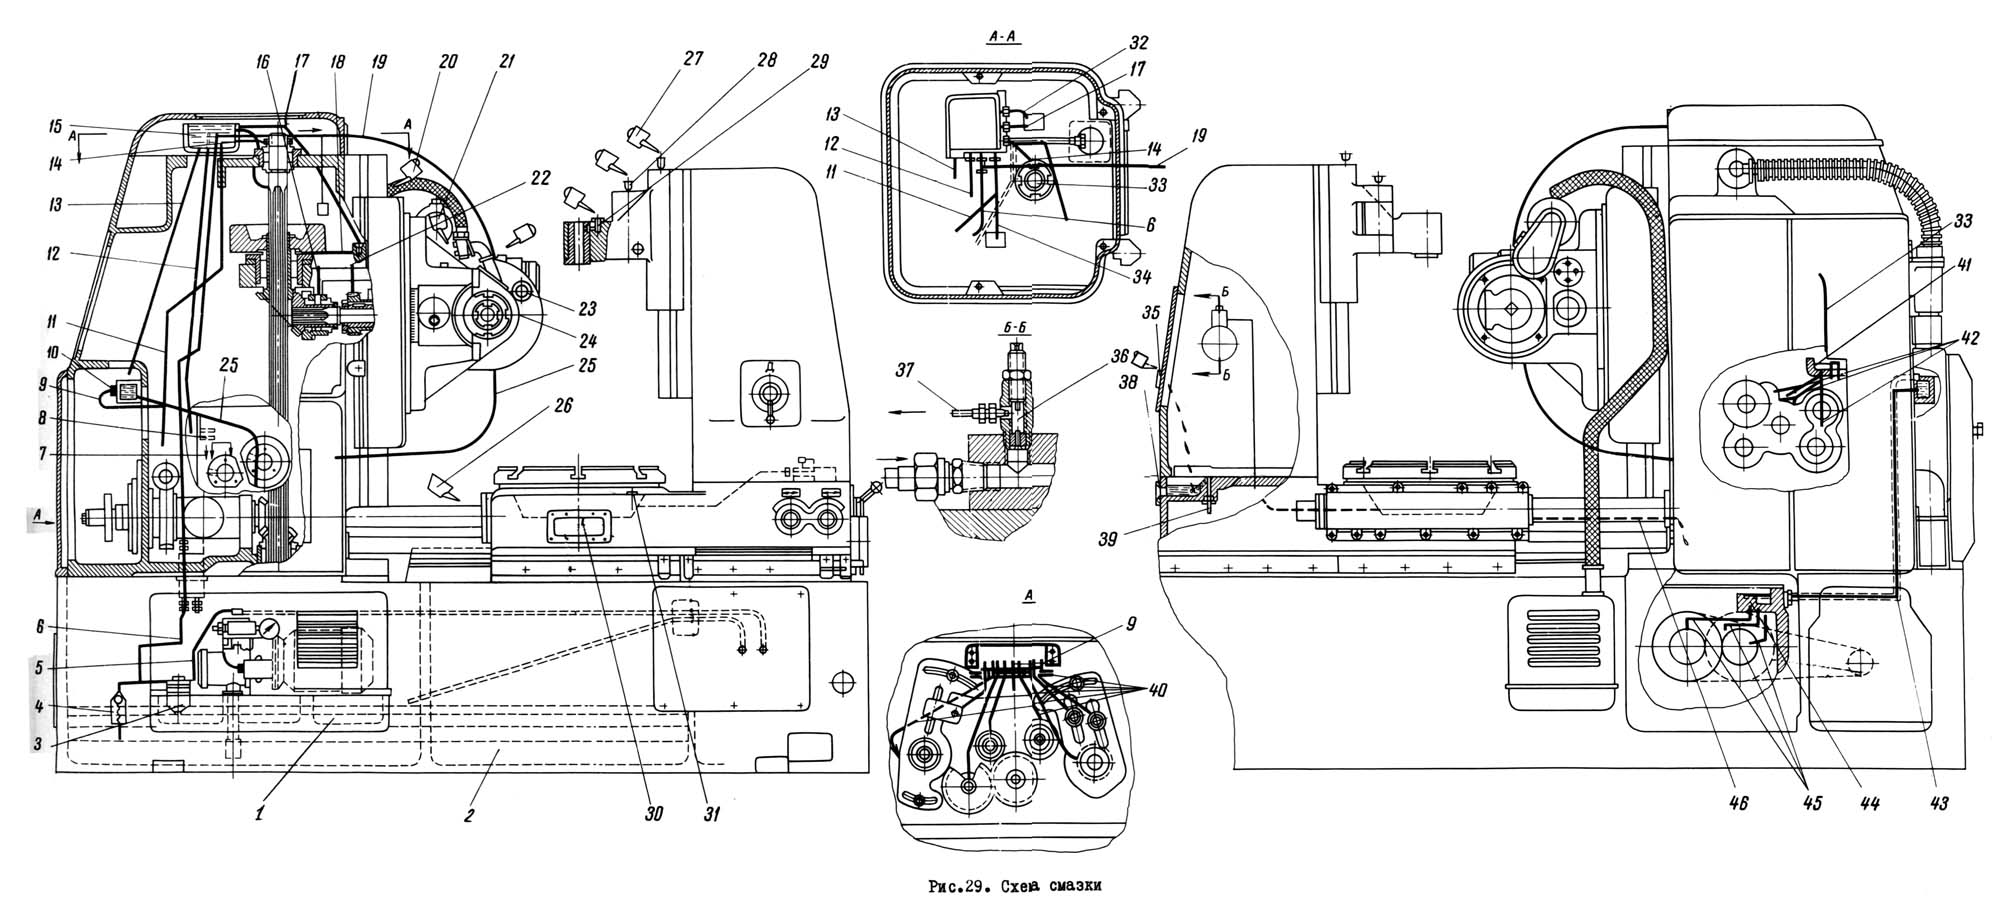 561 станок резьбофрезерный горизонтальный полуавтомат. паспорт, схемы, характеристики, описание